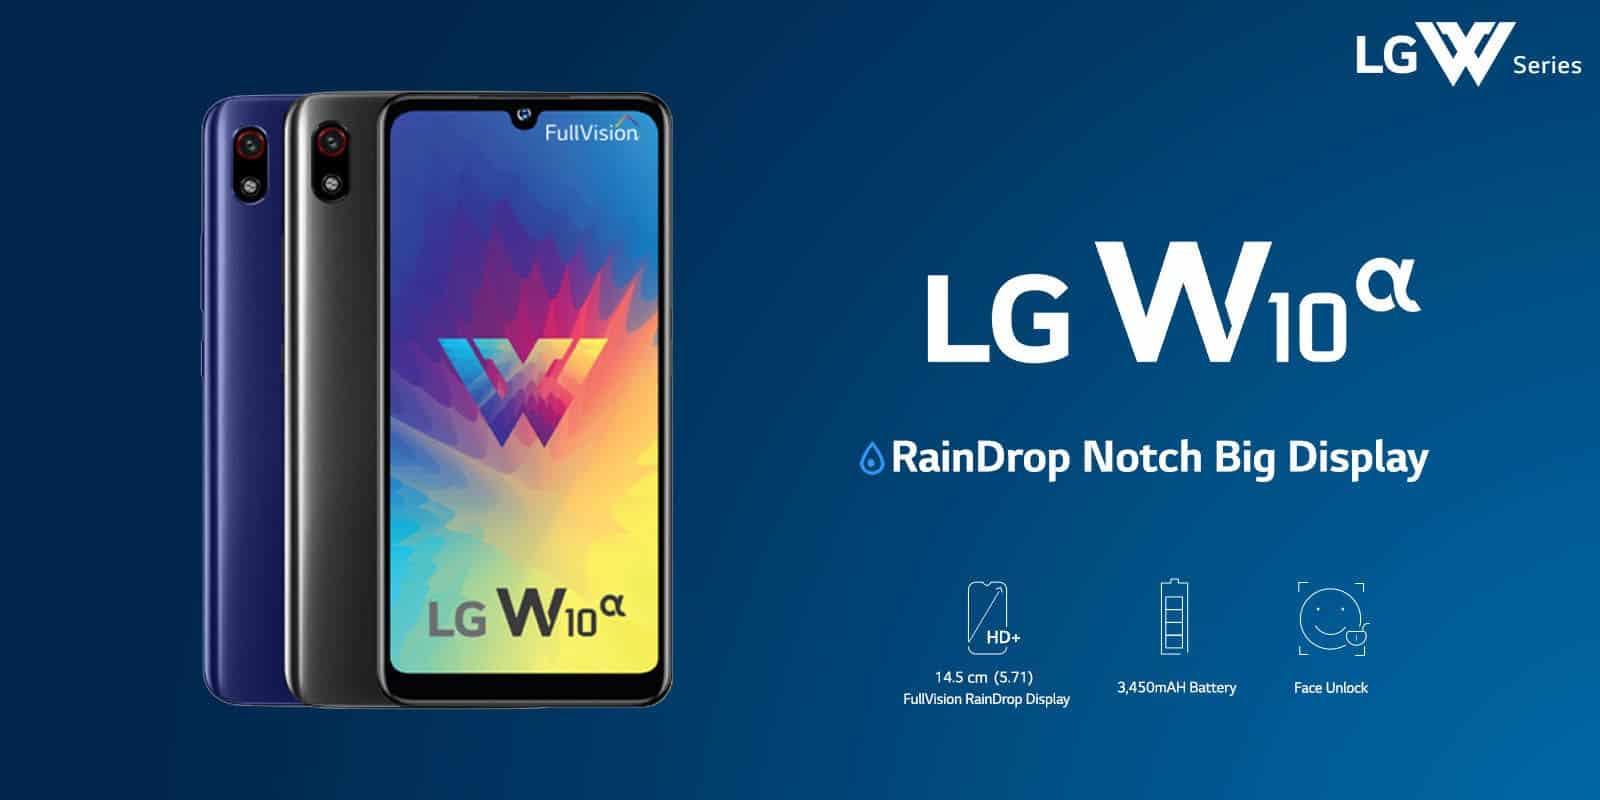 LG показала смартфон за $139 с функцией разблокировки по лицу (lg w10 alpha)